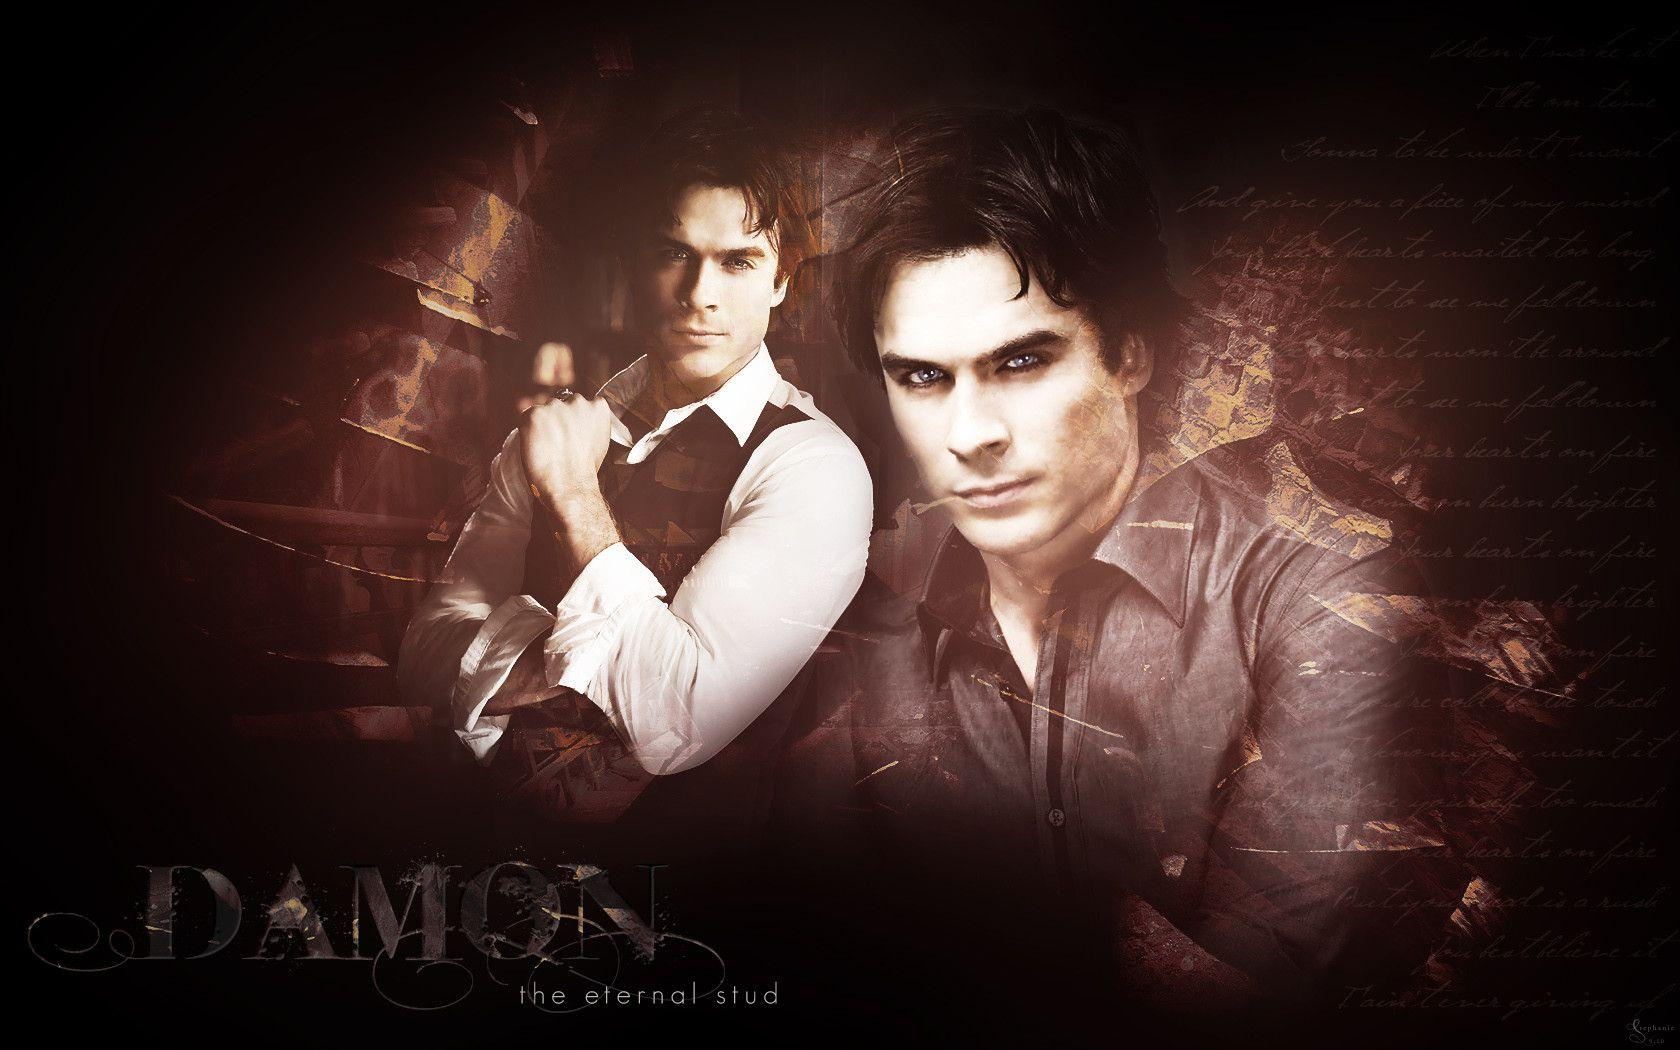 The Vampire Diaries wallpaper.